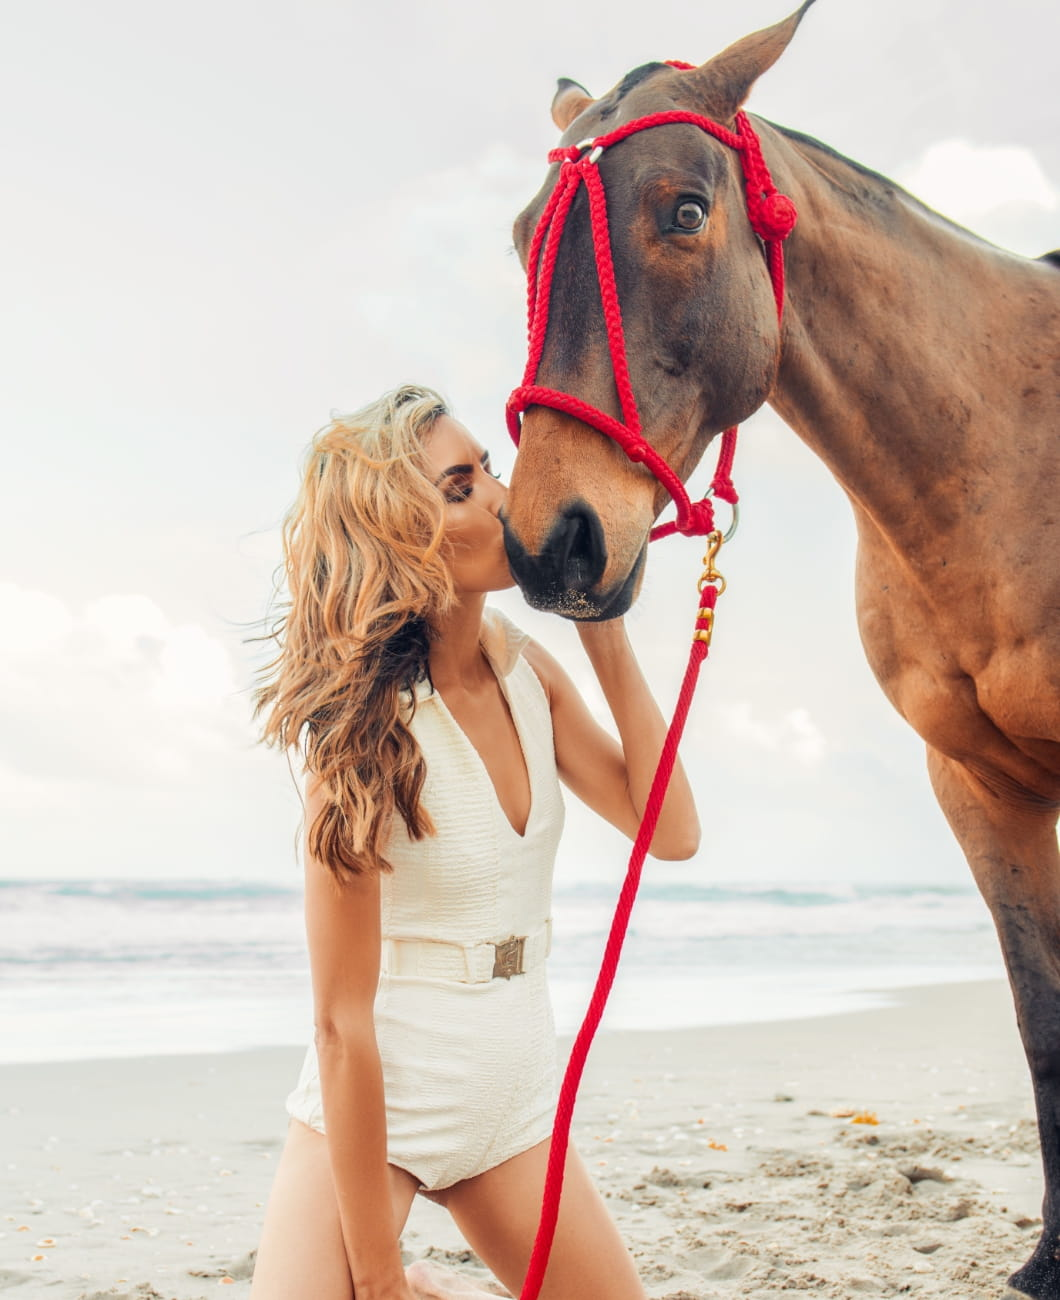 xbryanphoto wearing devonwindsor rebekah greenhill polo wine stables